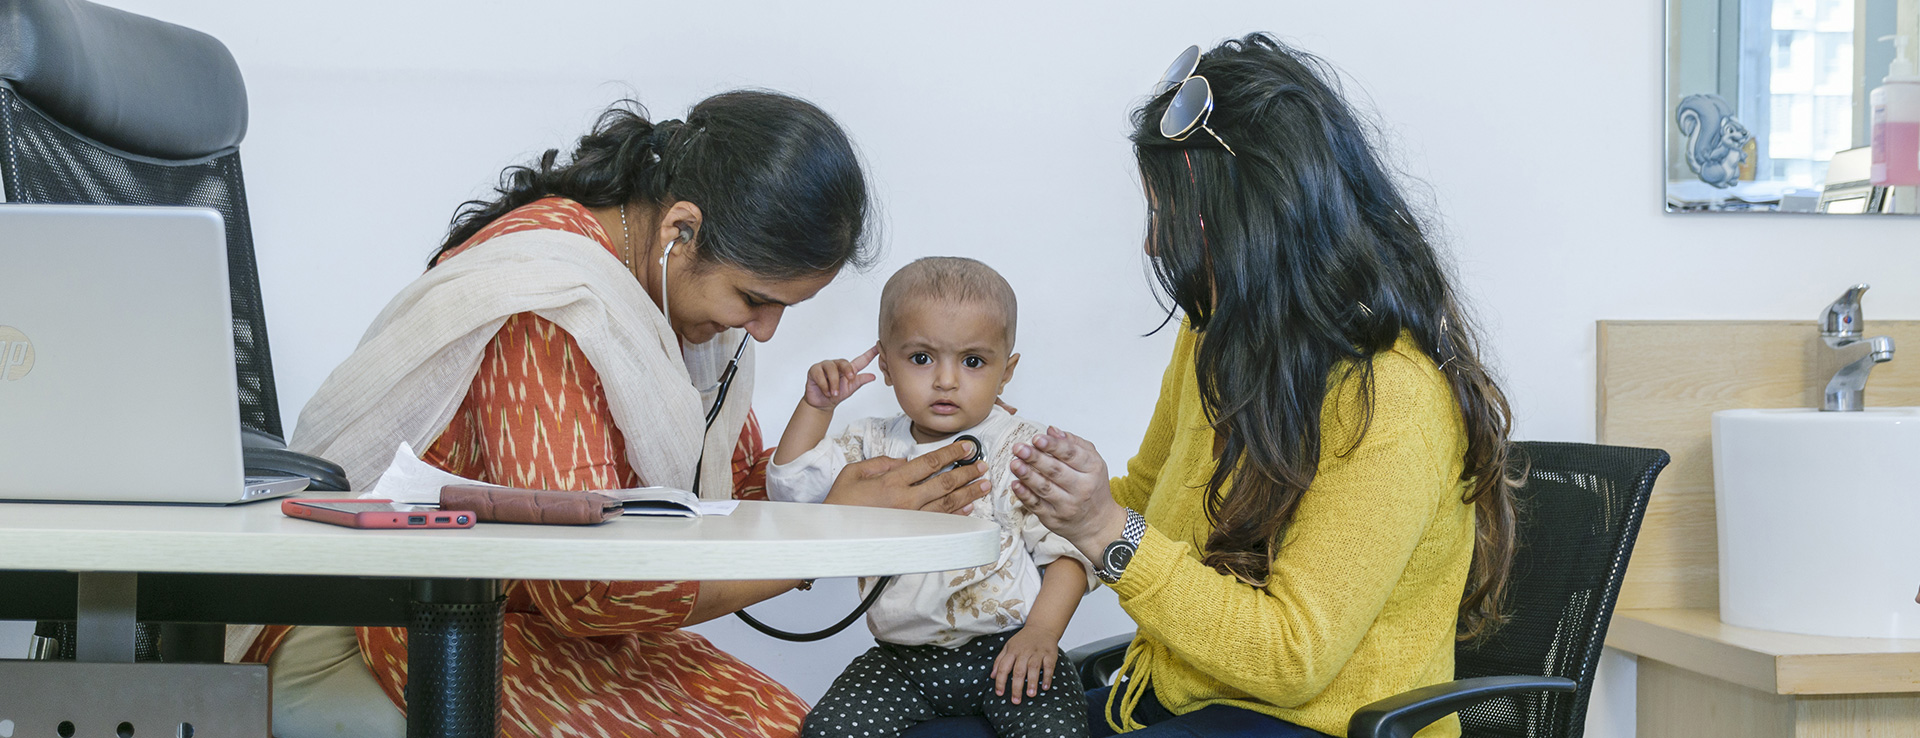 paediatric-and-adolescent-endocrinology-treatment-in-mumbai